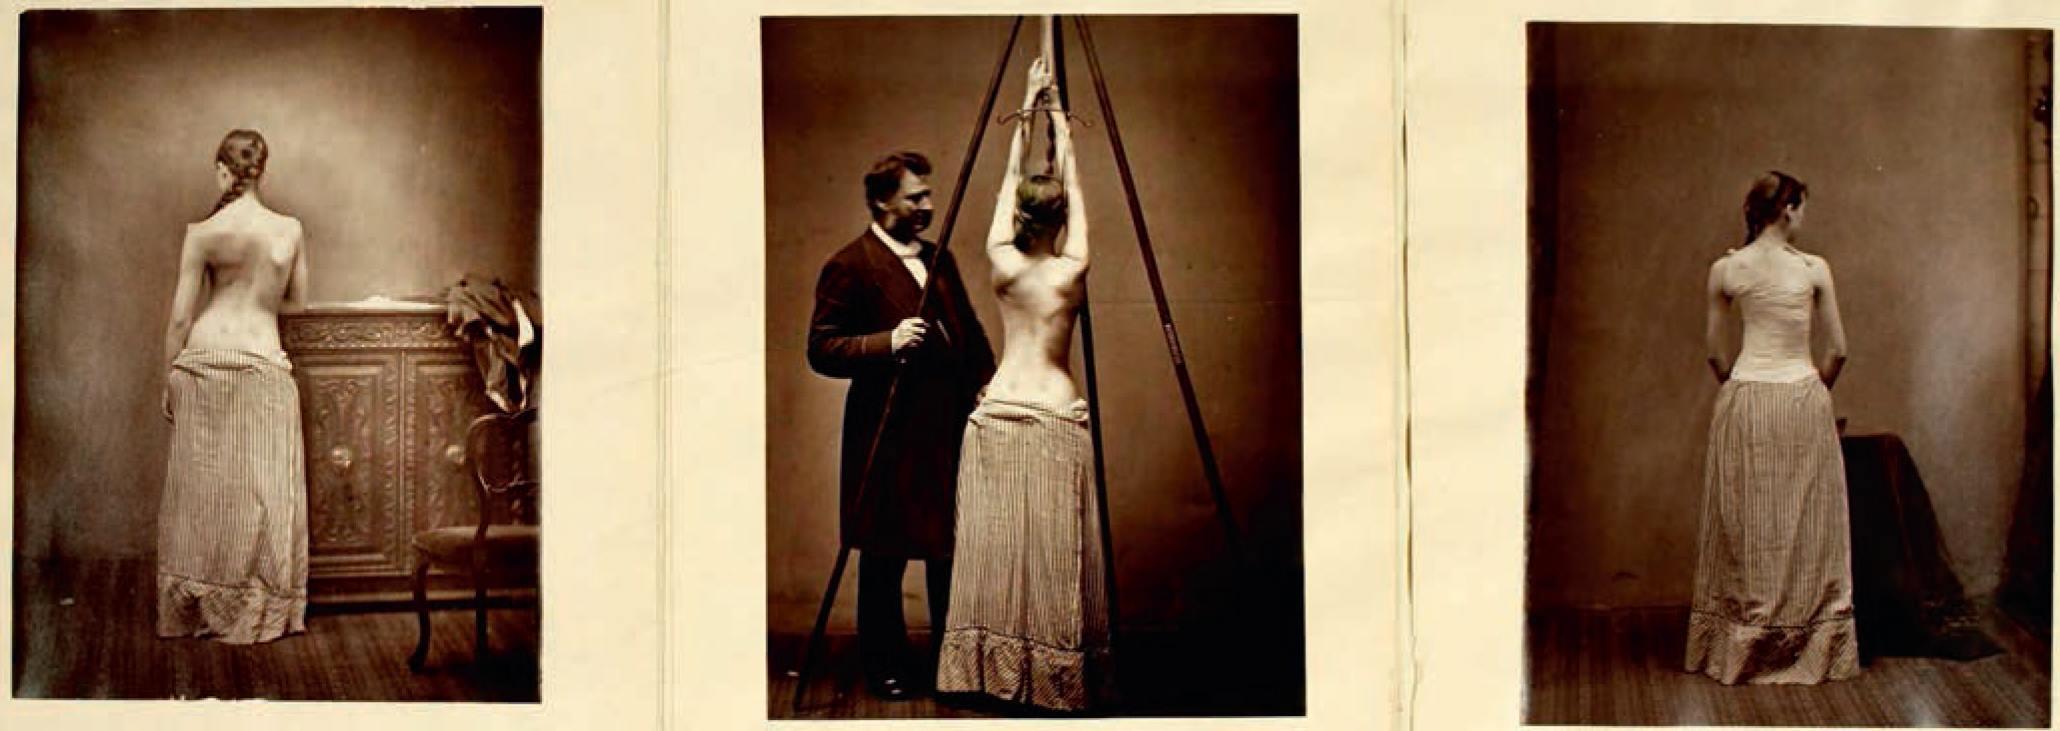 f13 Викторианский фотошоп: странные фотографии XIX века